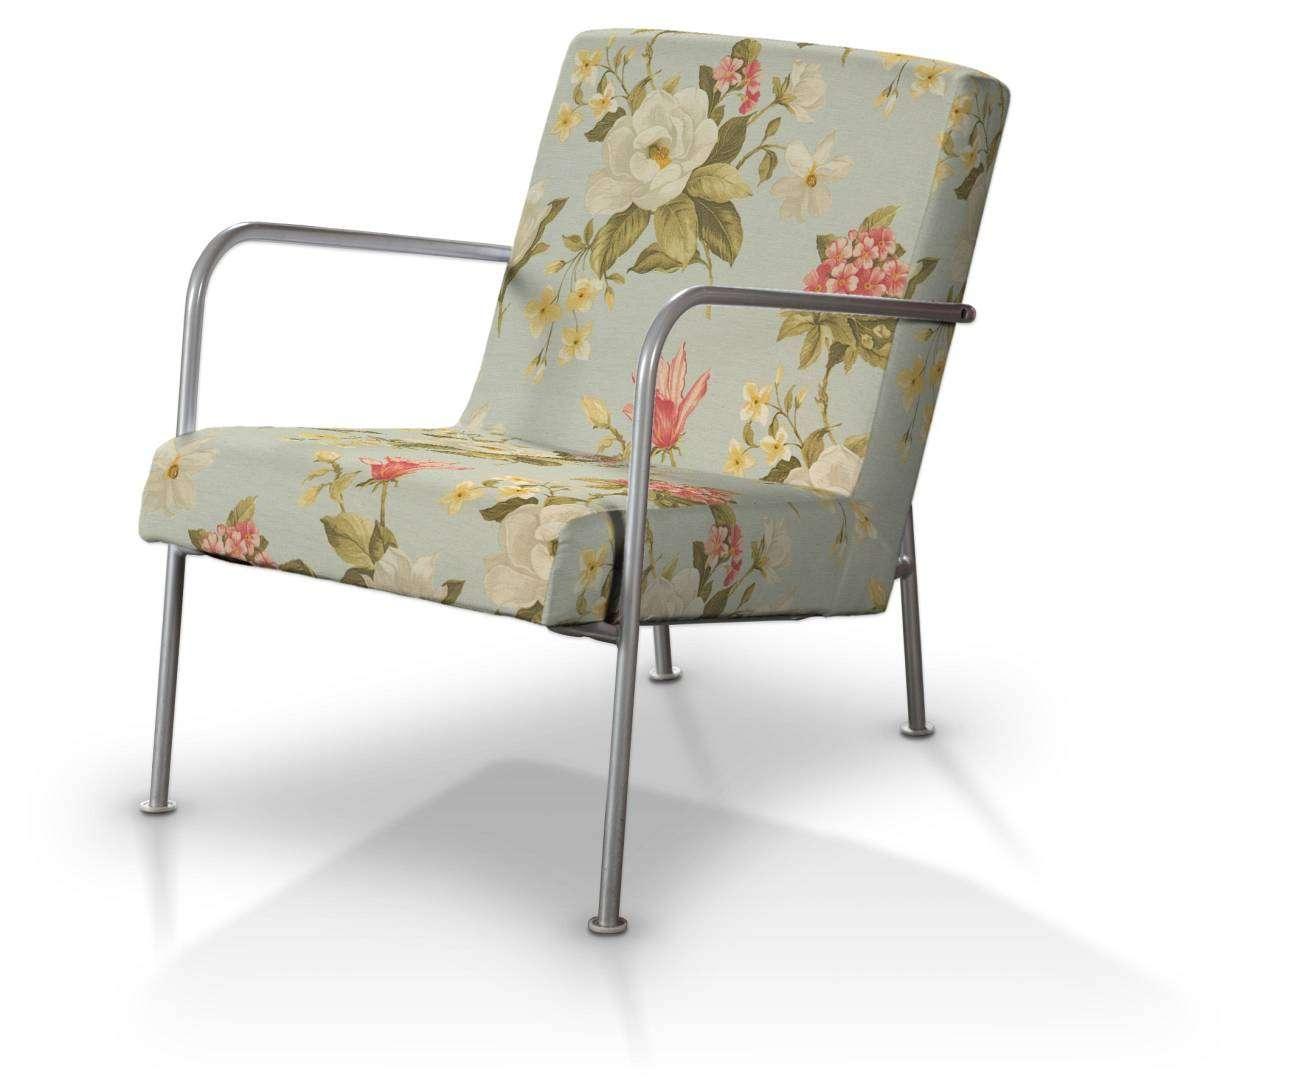 IKEA PS fotelio užvalkalas IKEA PS fotelio užvalkalas kolekcijoje Londres, audinys: 123-65